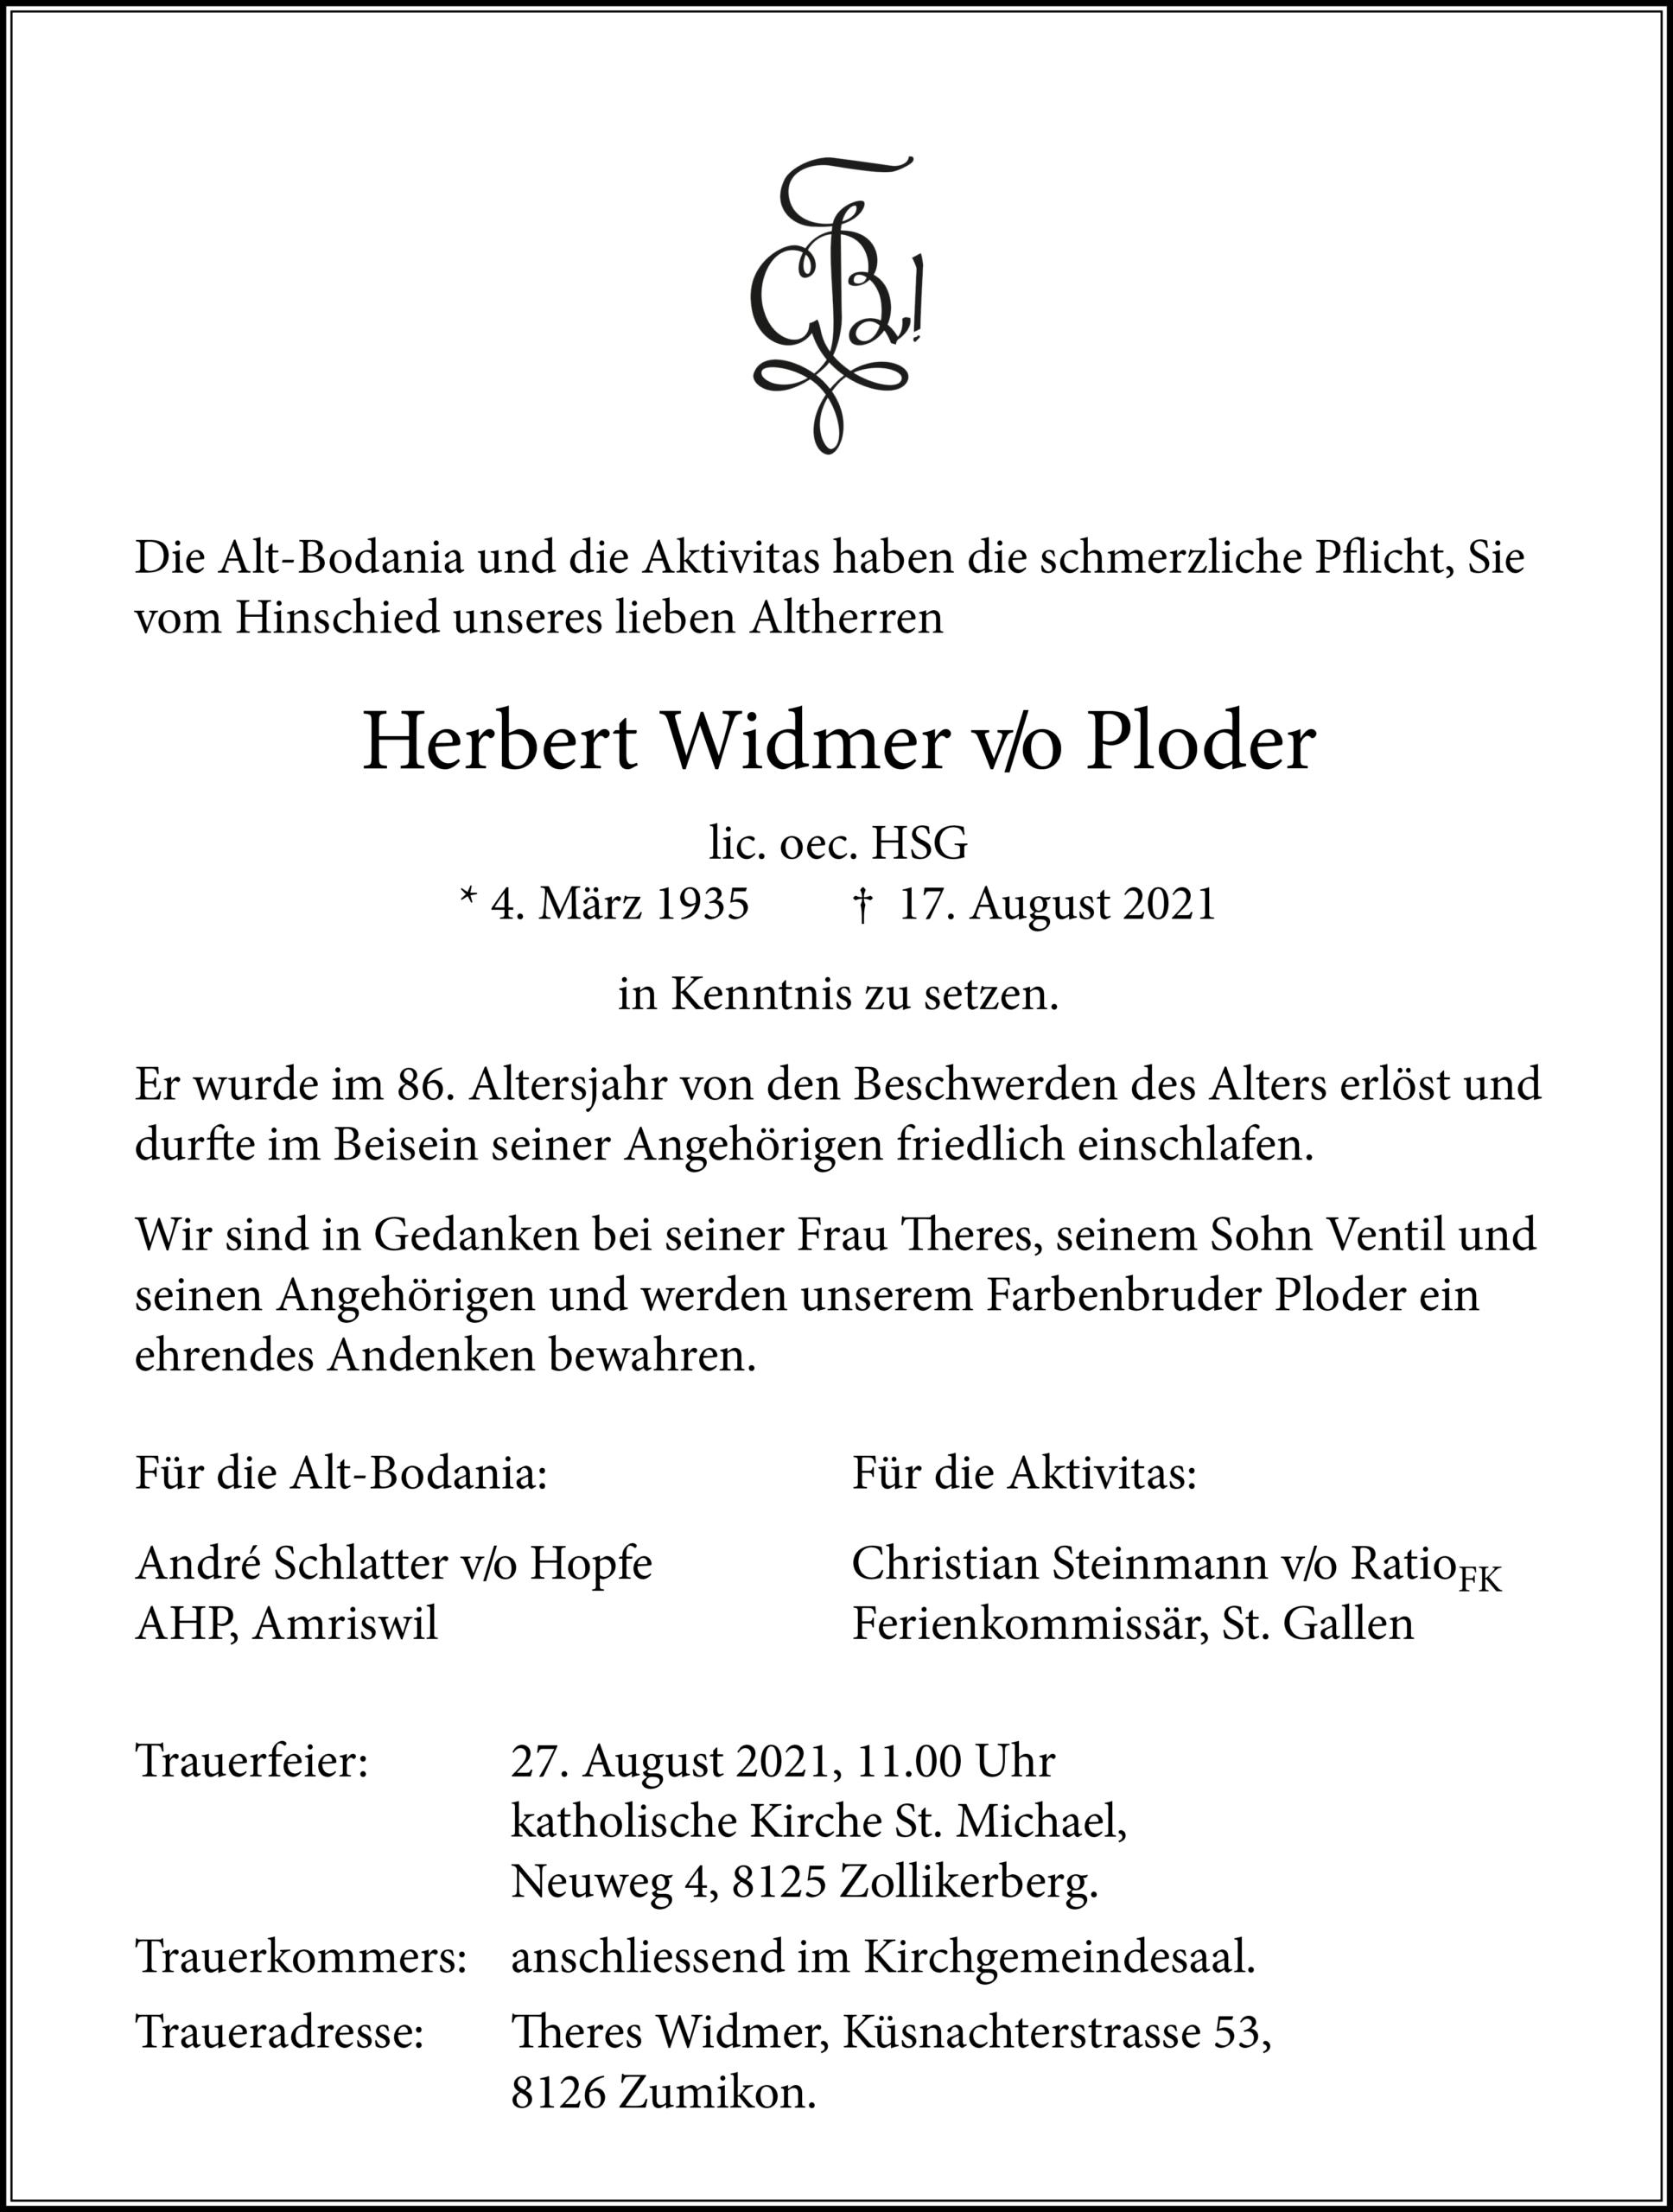 Herbert Widmer v/o Ploder †